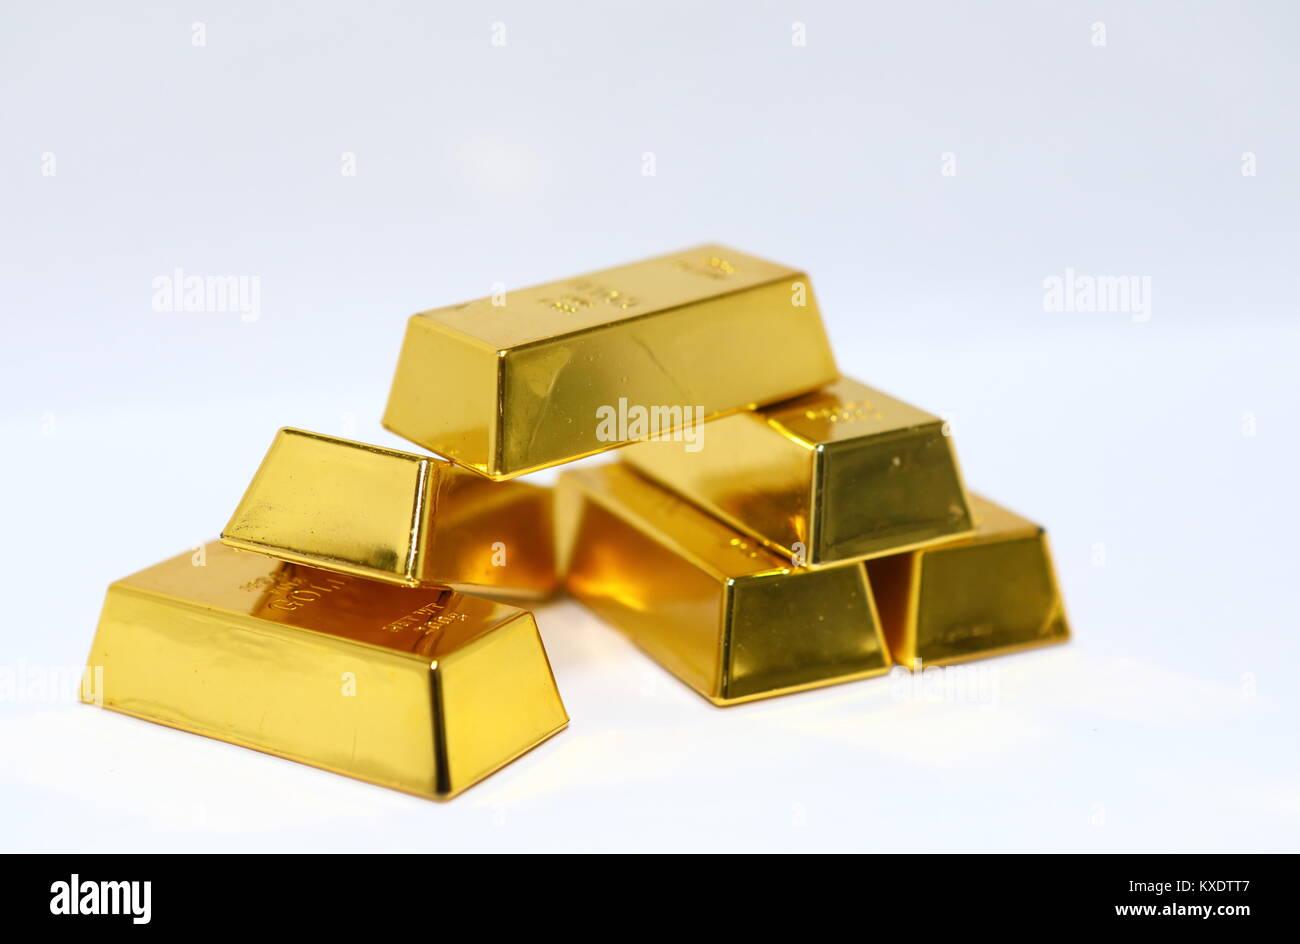 Gold bar ingot pile isolated - Stock Image